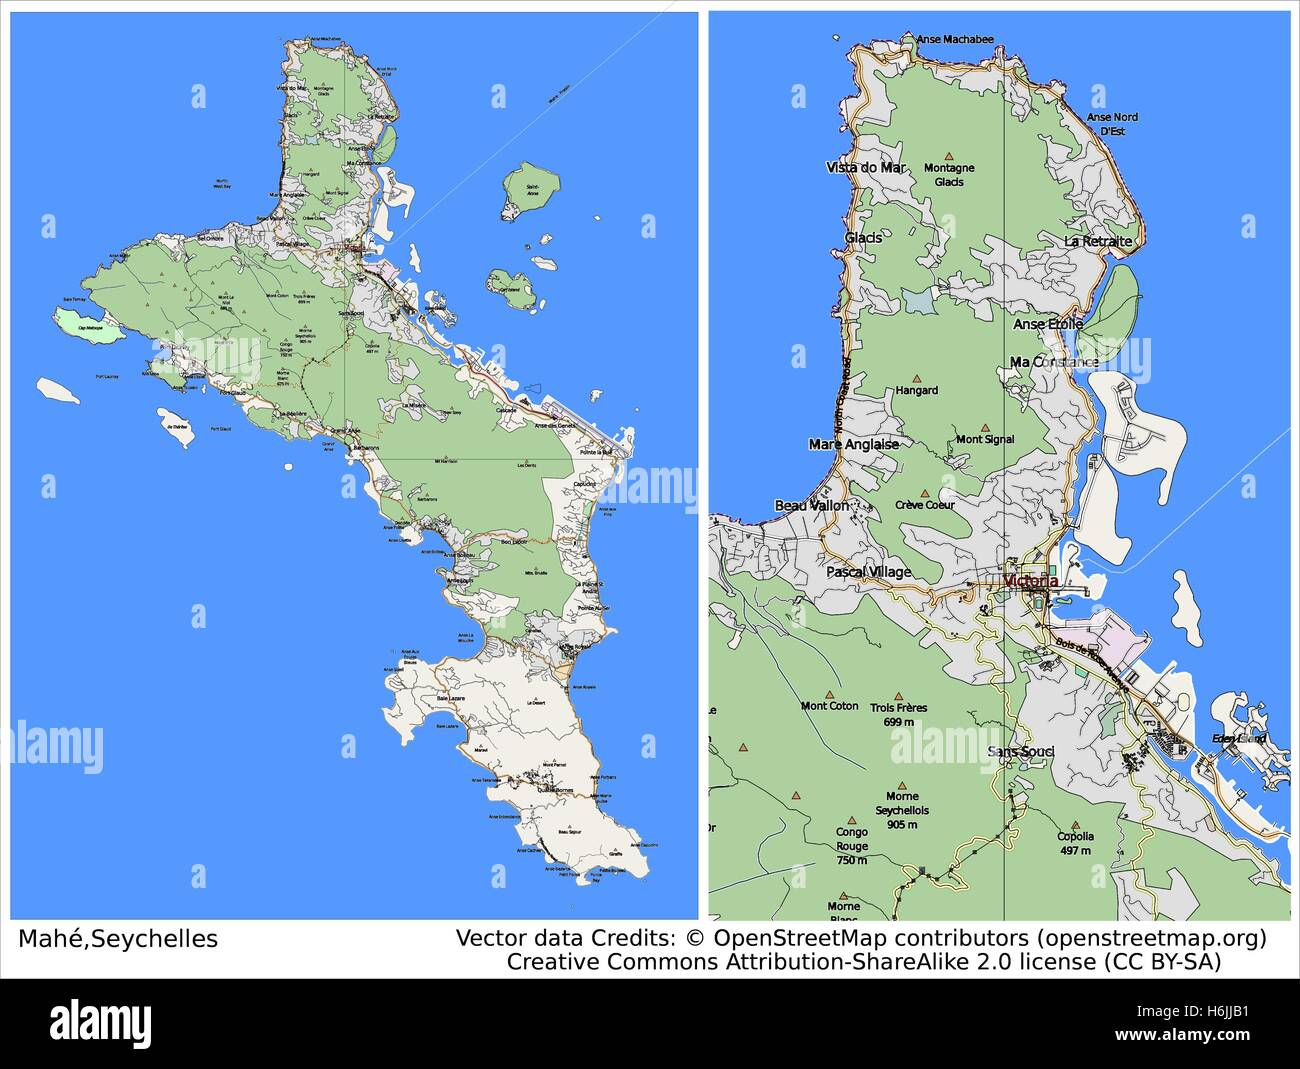 Victoria Mahe Seychelles City Map Stock Vector Art